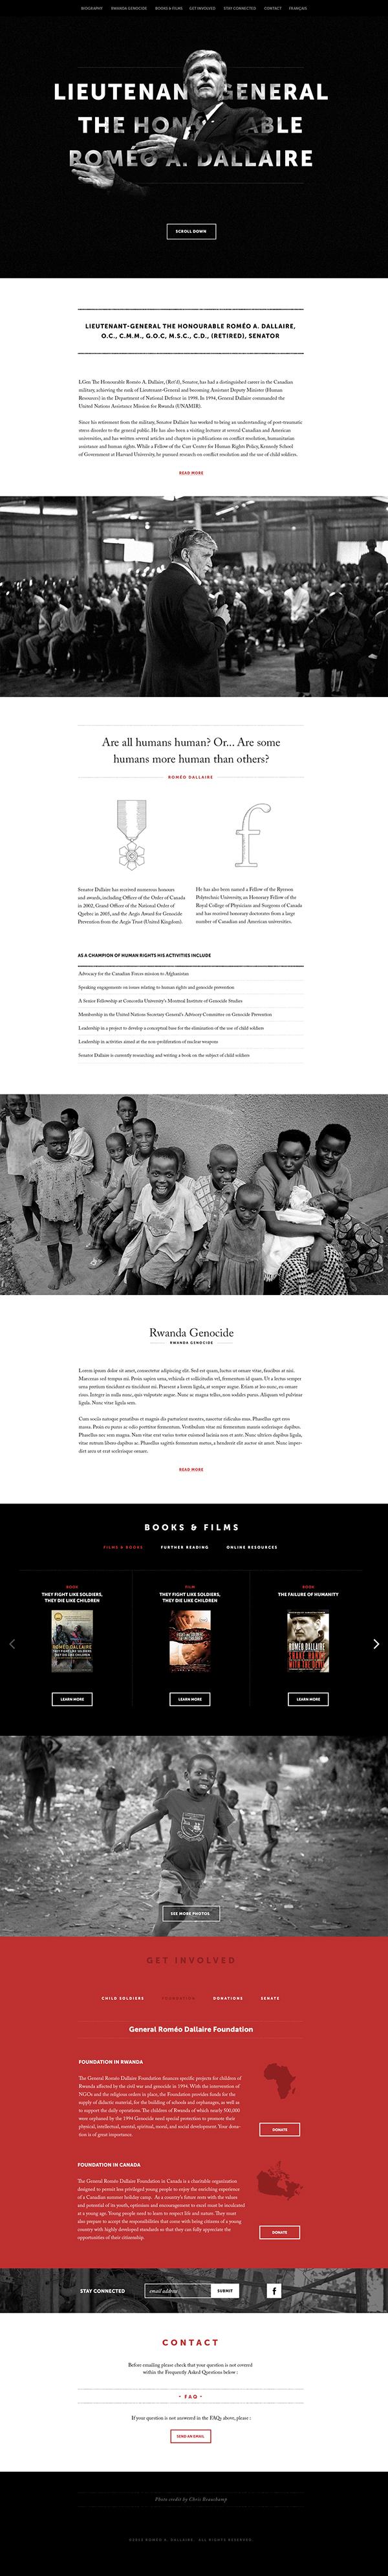 romeo dallaire Rwanda africa Humanitarian